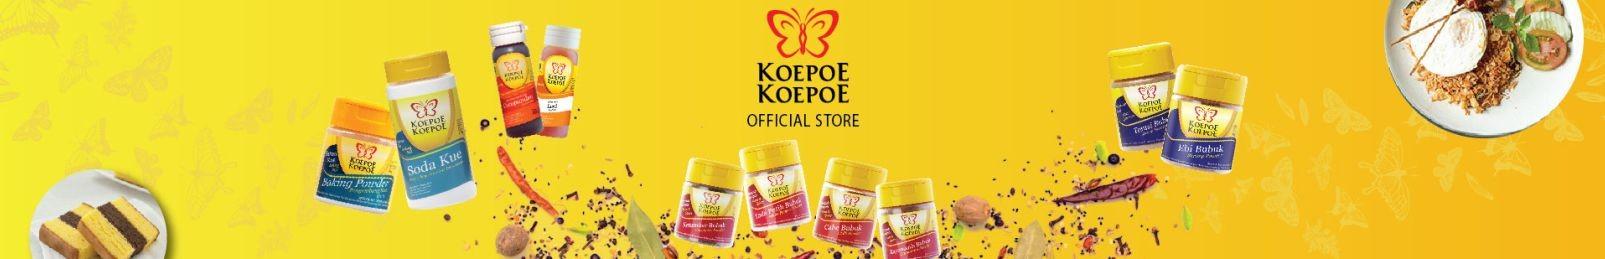 Koepoe-Koepoe Store